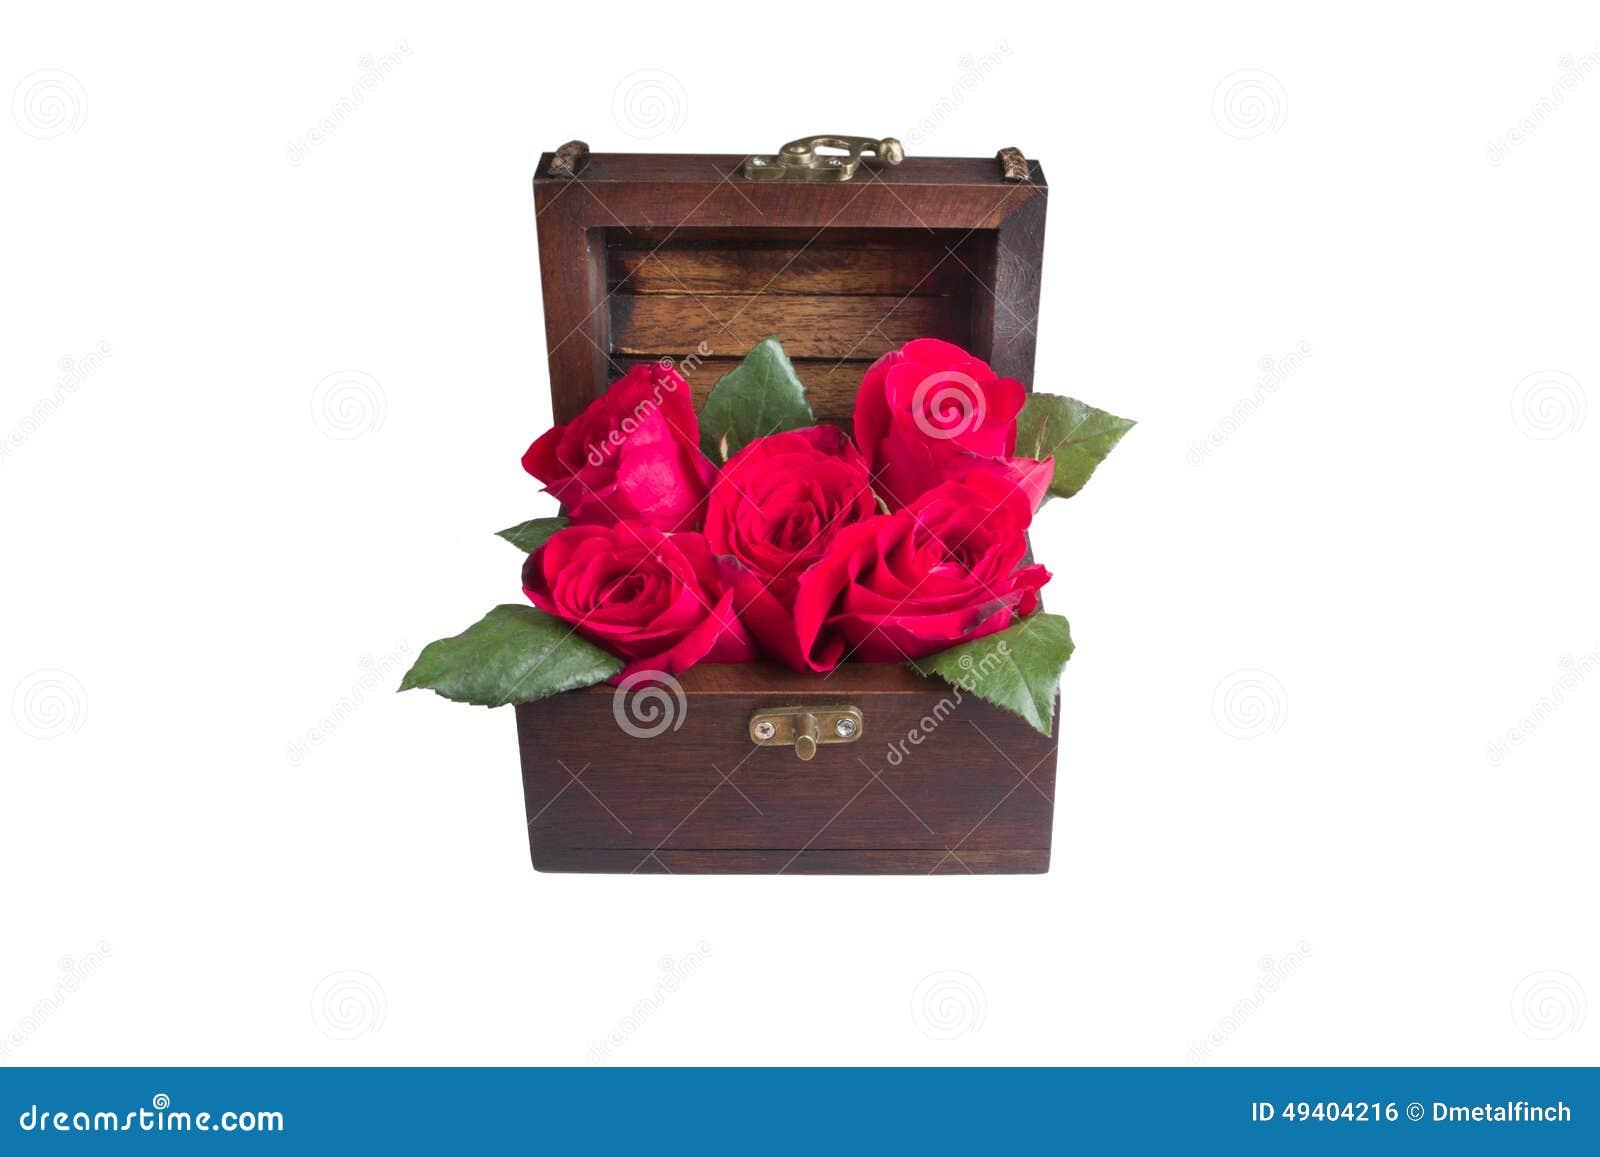 Download Eine rote Rose im Kasten stockfoto. Bild von karte, klein - 49404216